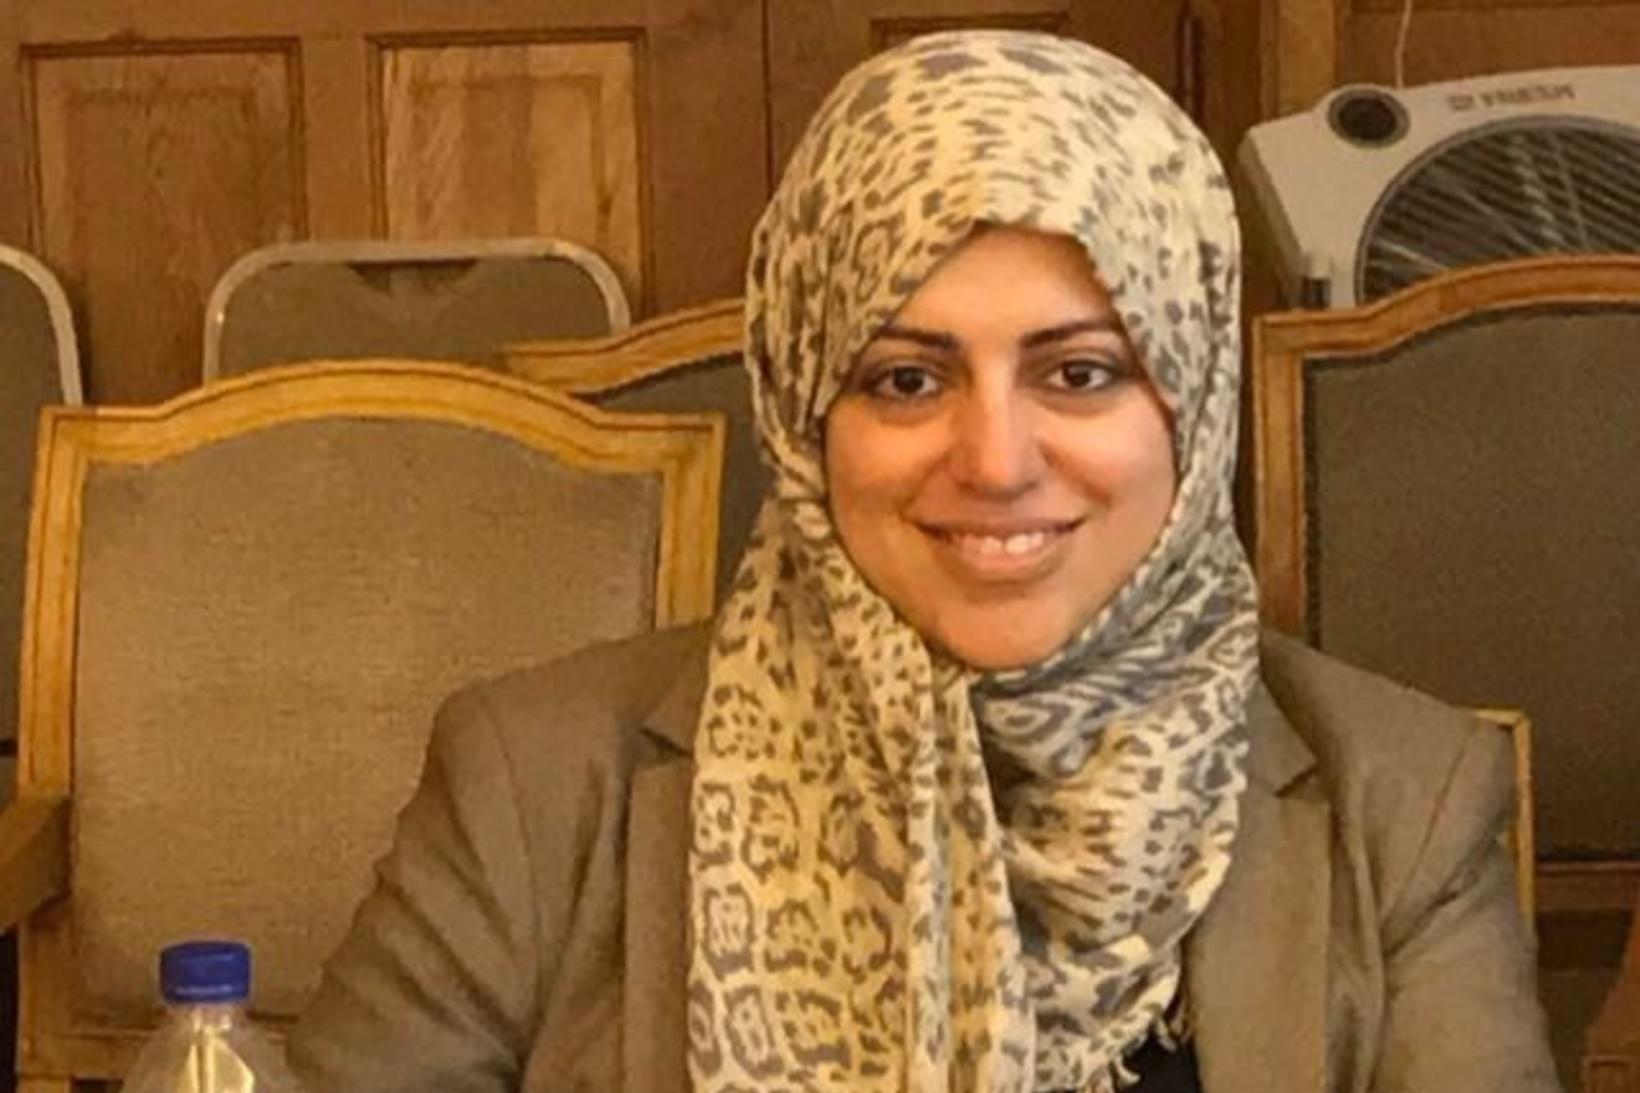 Nassima al-Sadi starfaði meðal annars sem dálkahöfundur áður en hún …